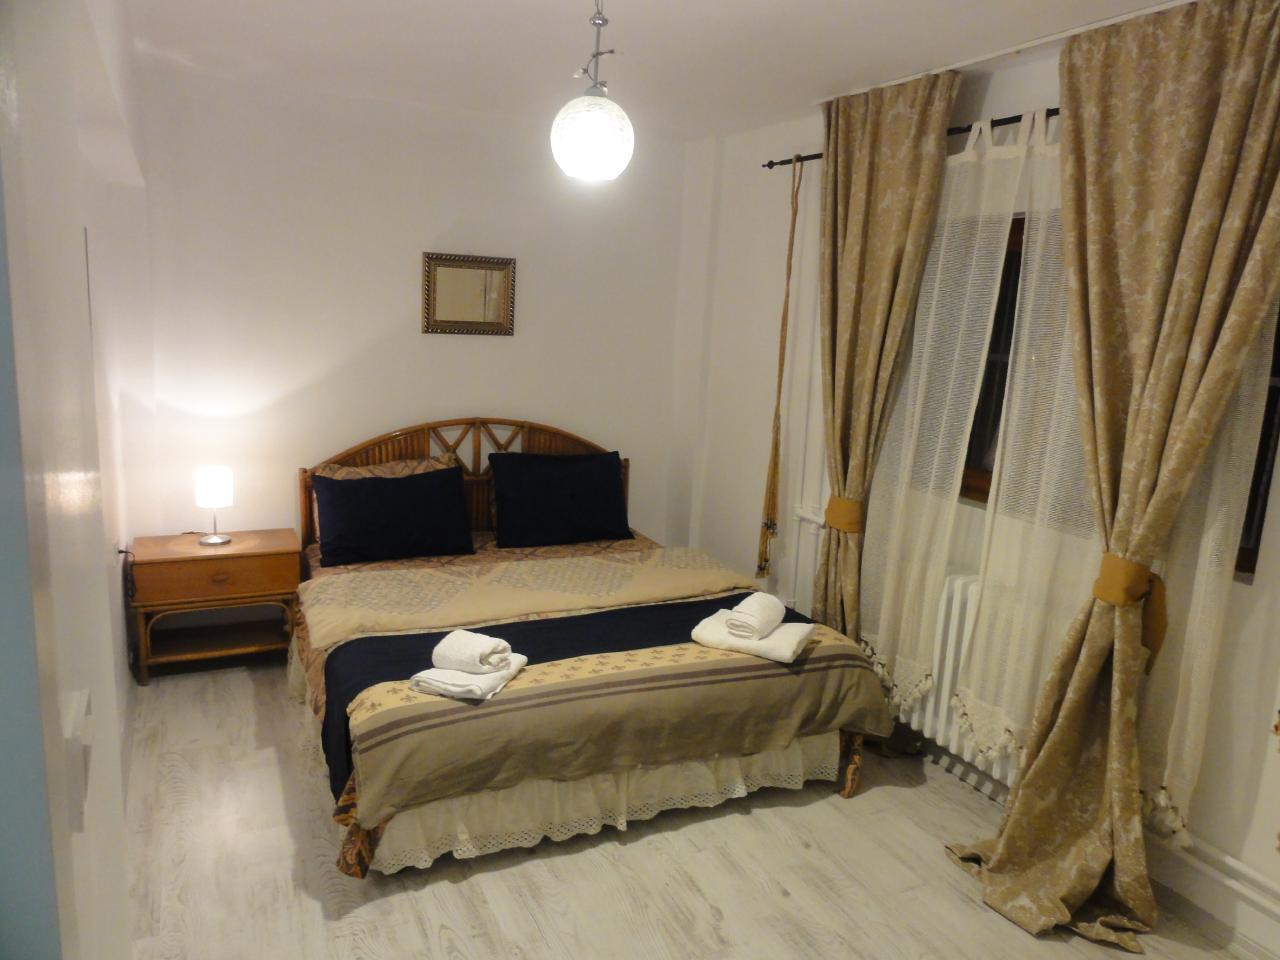 Ferienwohnung Evodak Apartment D 2 (1710501), Balgat, , Zentralanatolien, Türkei, Bild 16